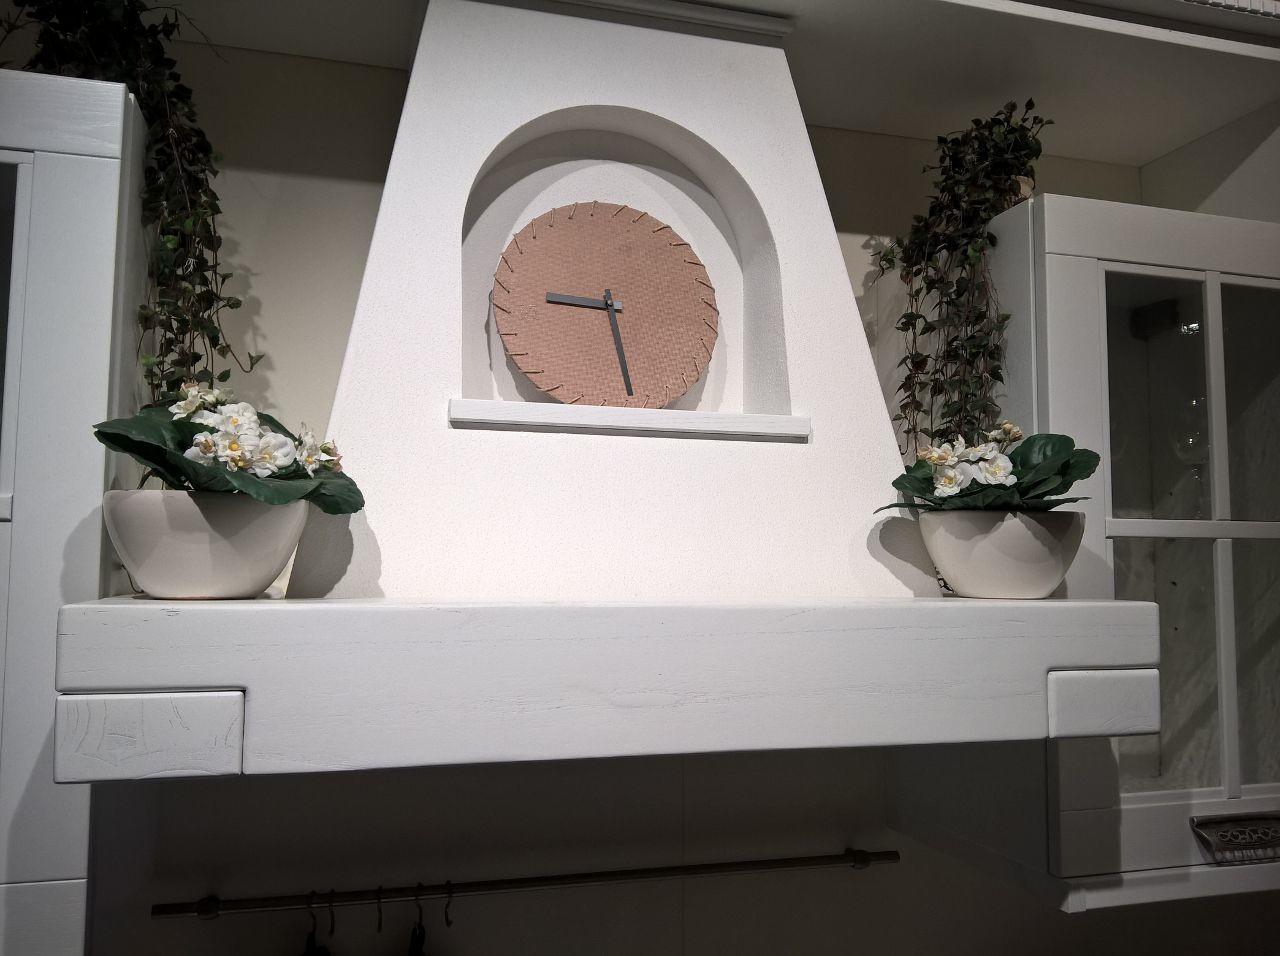 cucina classica particolare cappa camino - Centro Cucine Oltrepo